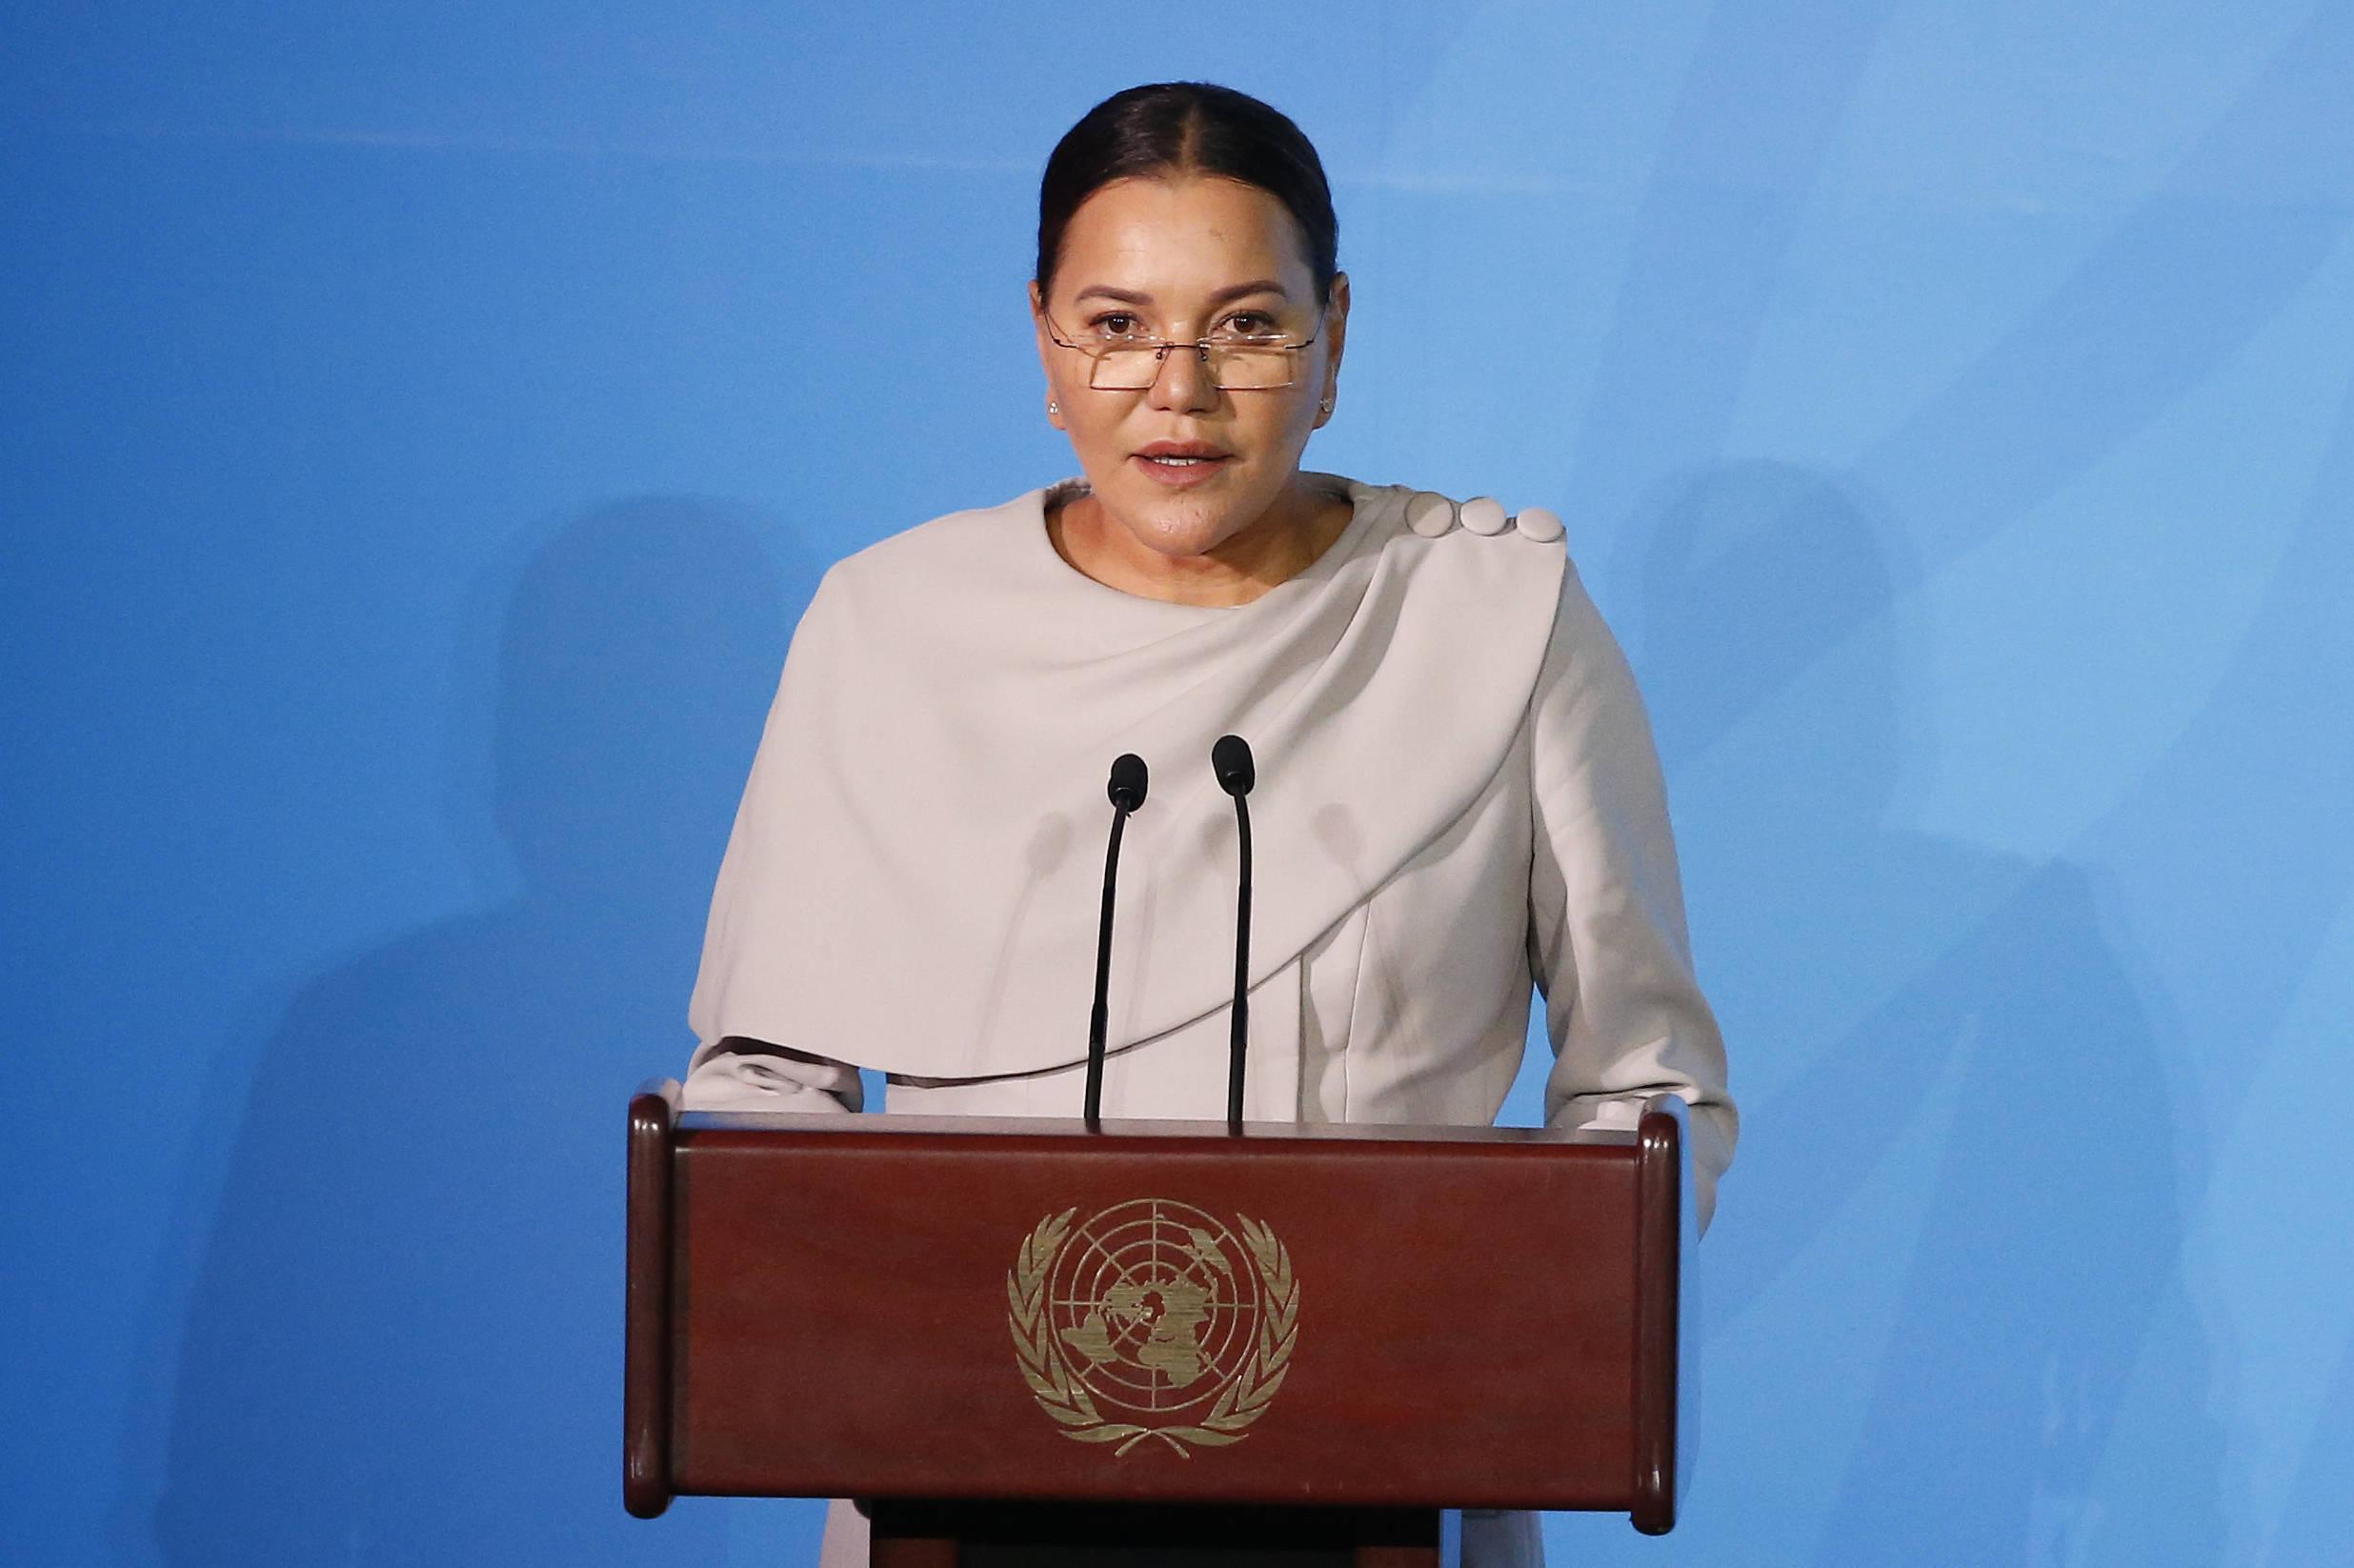 La princesse Lalla Hasnaa lors du sommet sur le climat à l'ONU, le 23 septembre 2019.